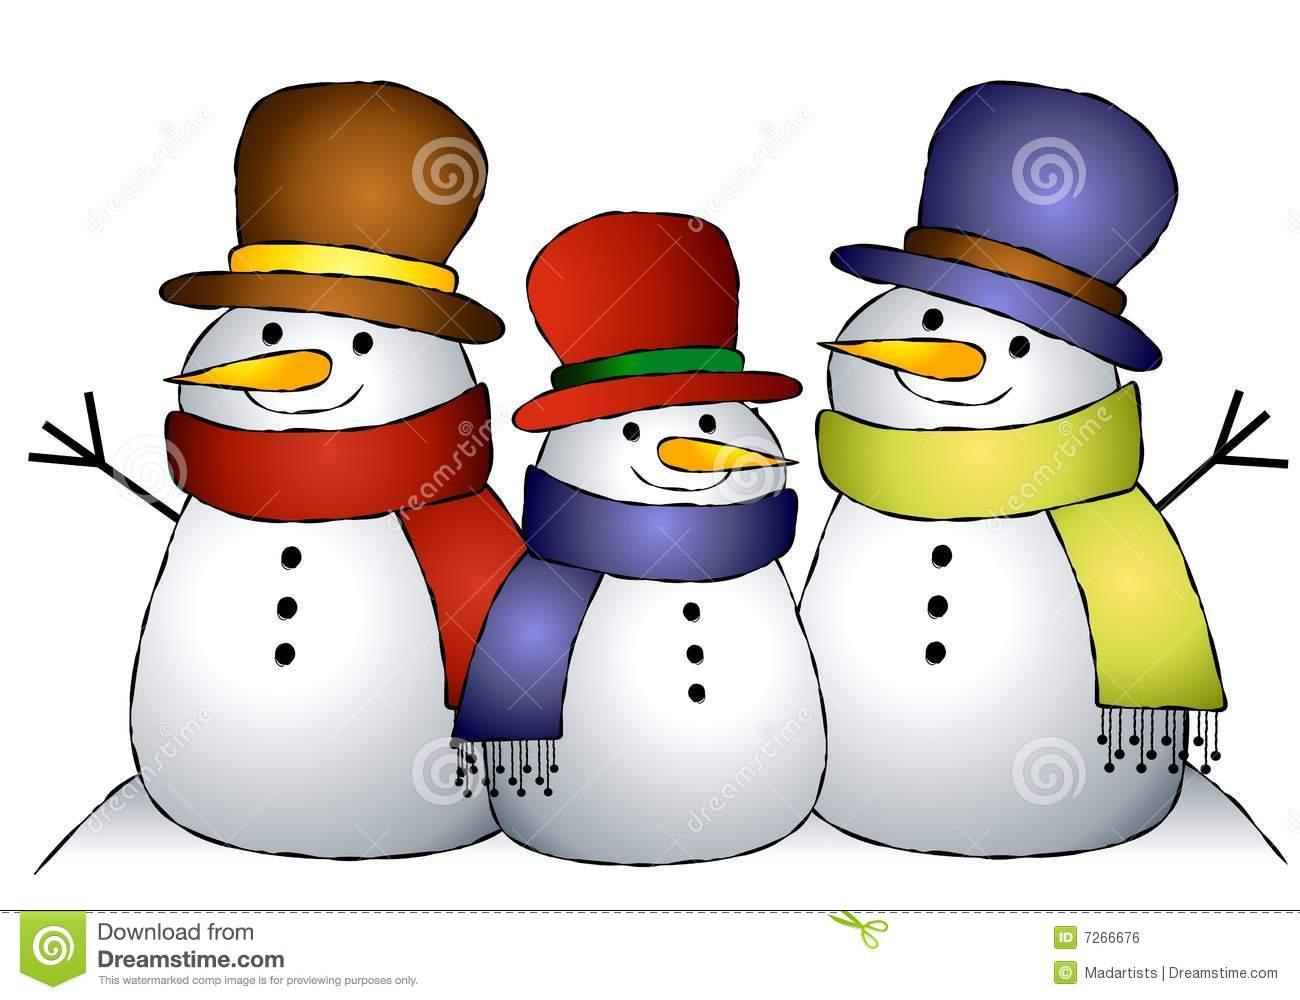 Group of 3 Snowmen stock illustration. Illustration of cartoon.